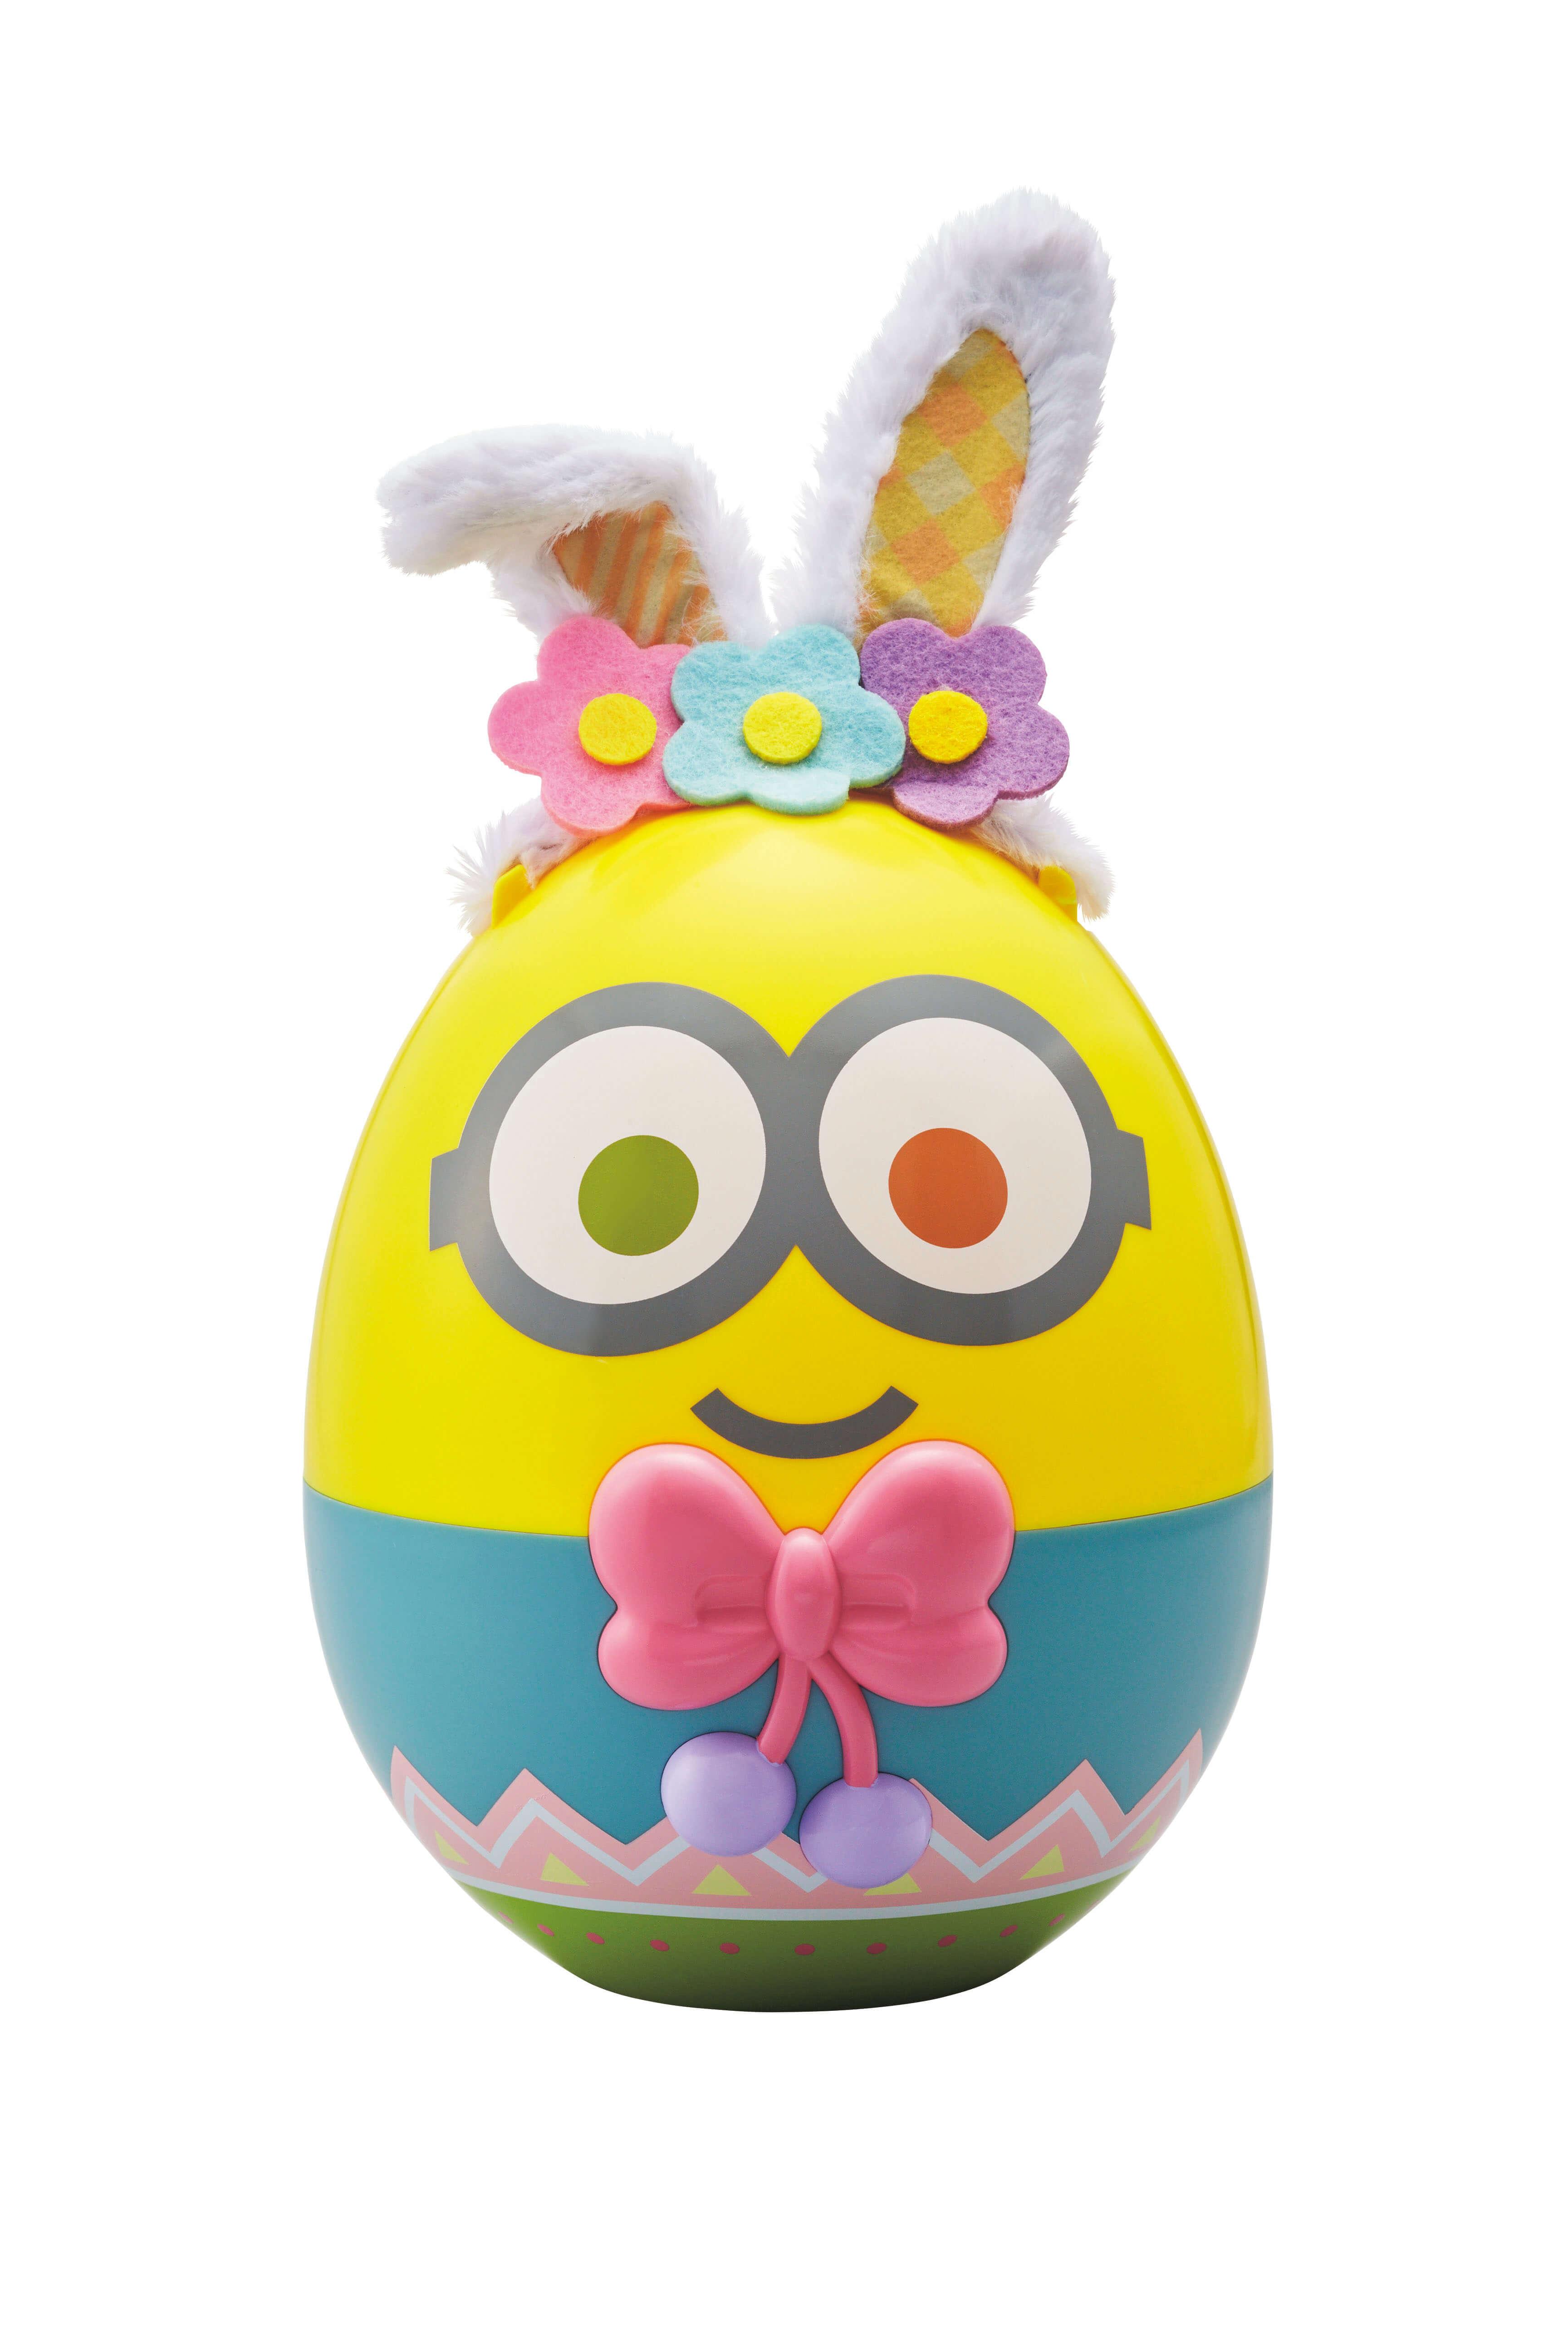 Pascua 8 apoyos de la foto hace su propia huevos de pollo Conejo Flores caza de huevos de Pascua